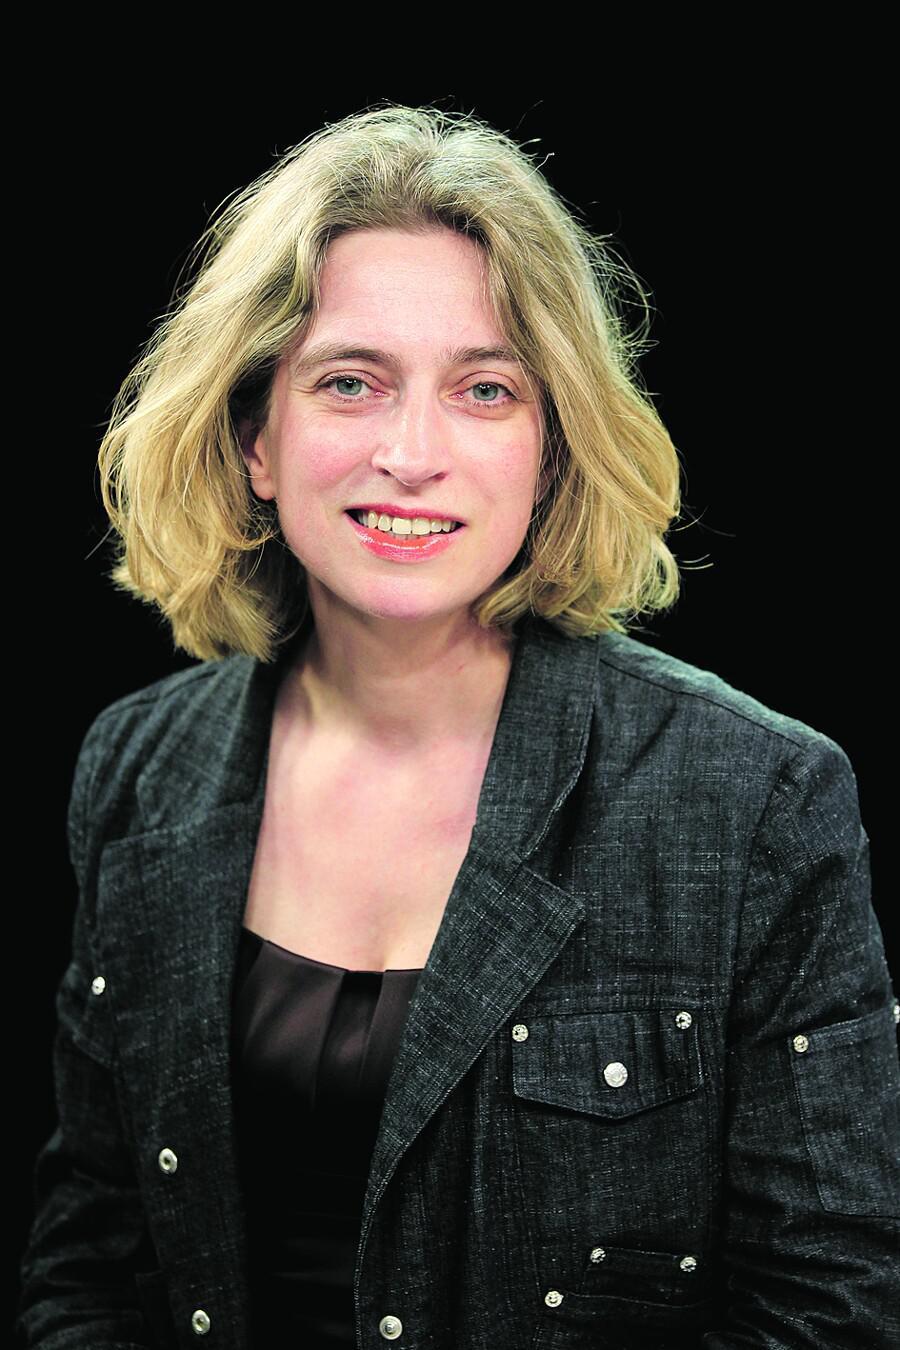 Marie-Estelle Pech